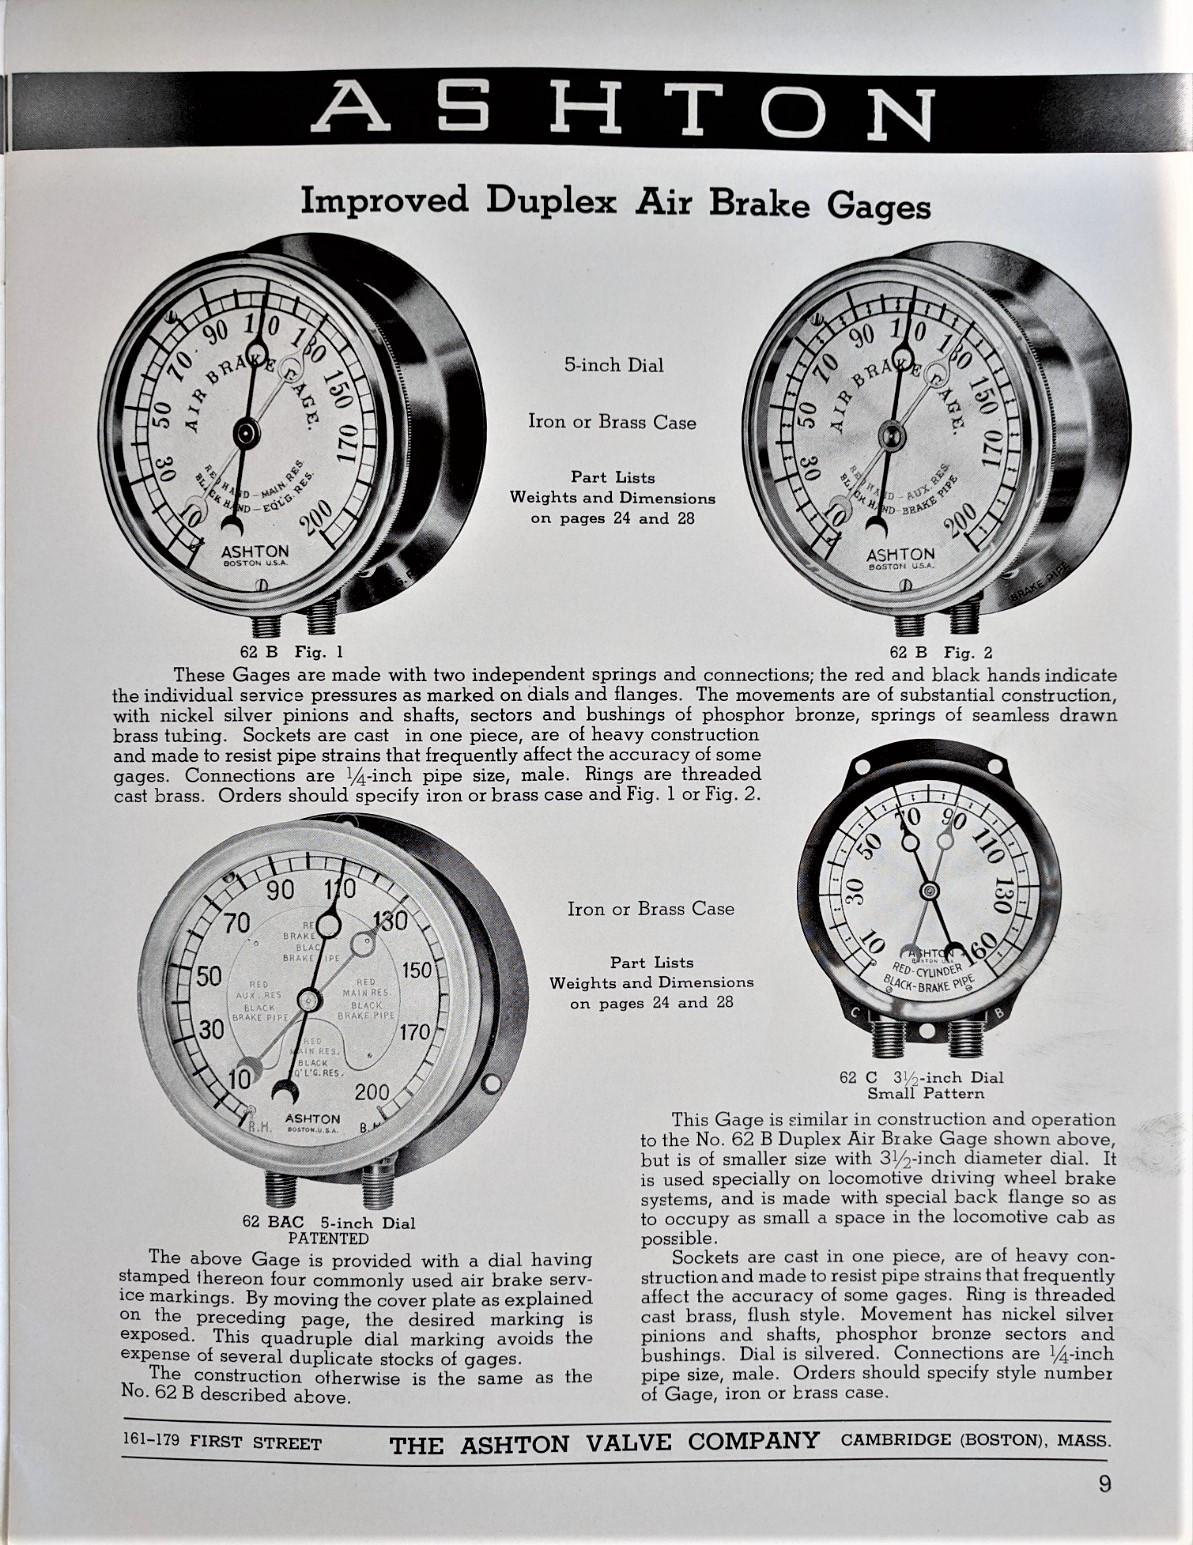 Ashton gage catalog 1941    9.jpg